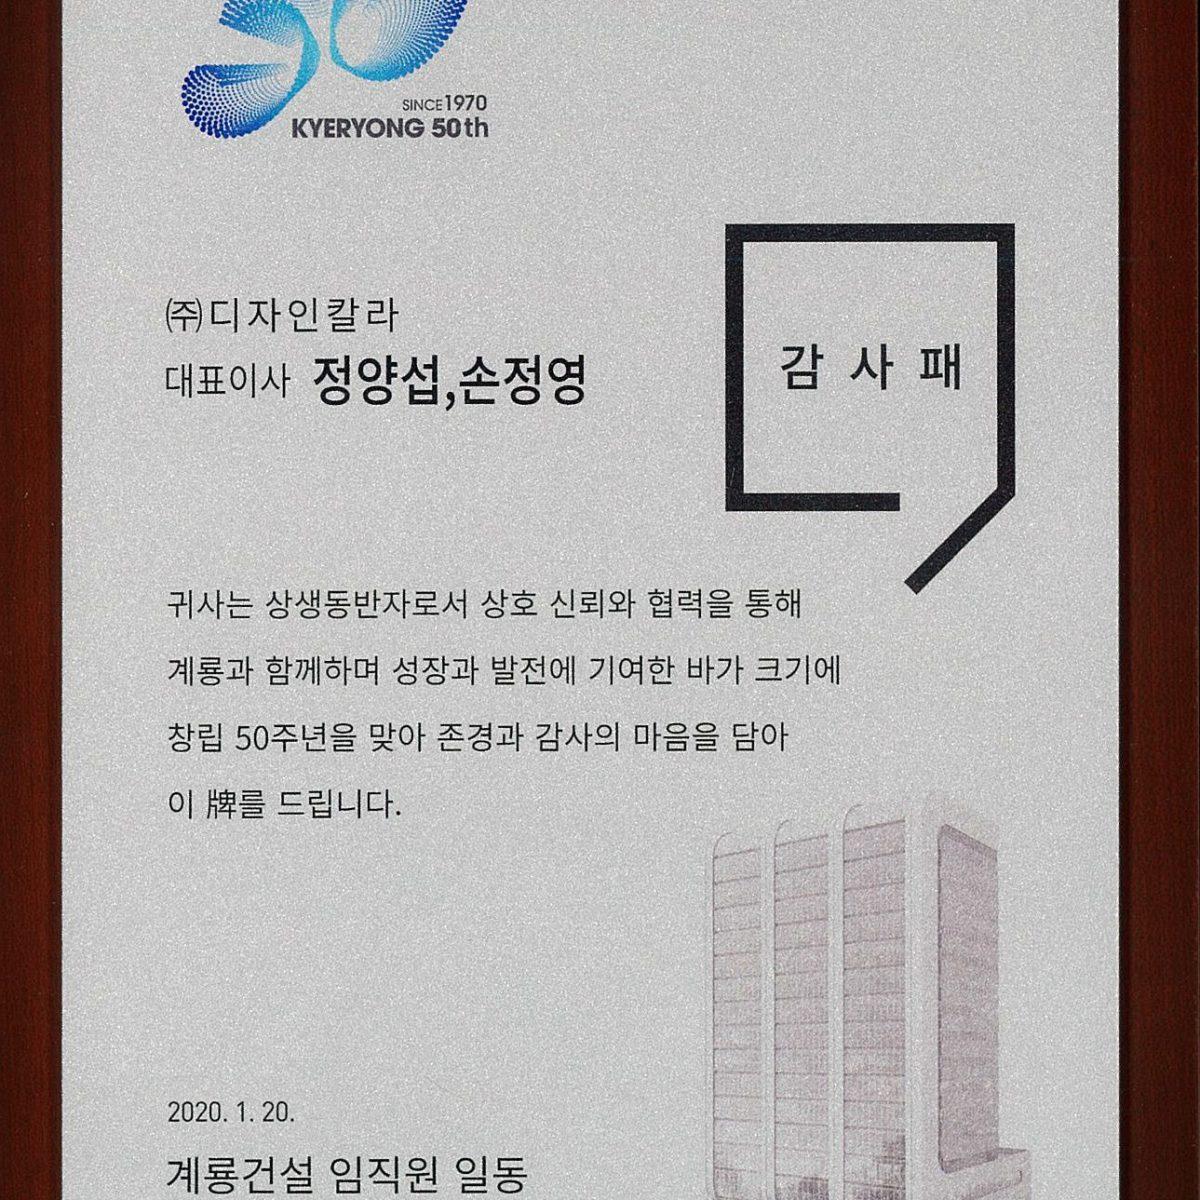 2020.1_계룡건설 50주년 감사패 수상